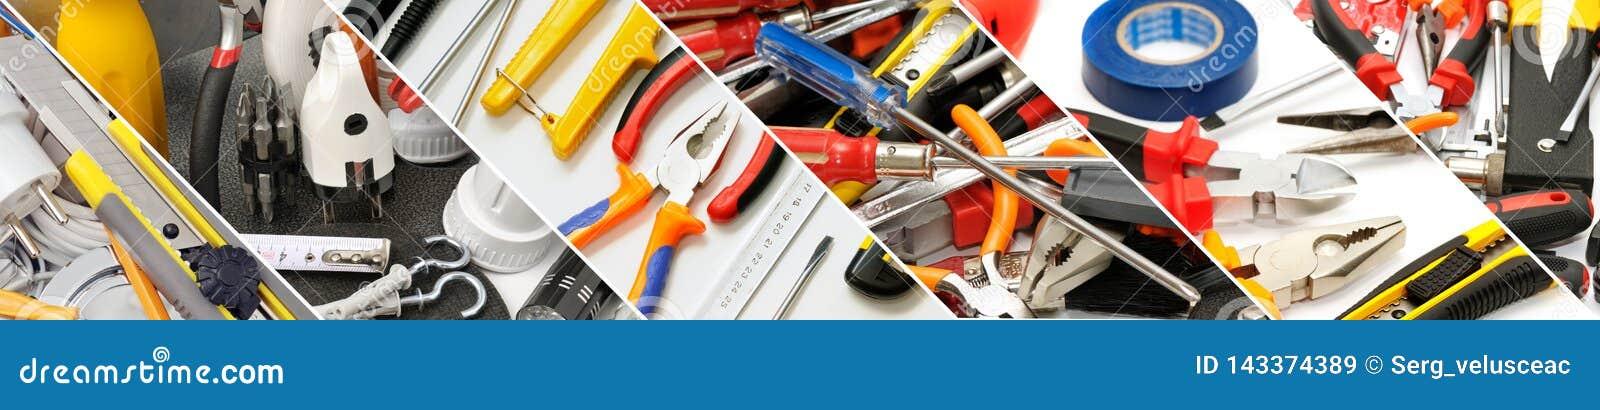 Breite Panoramawerkzeuge für Reparatur